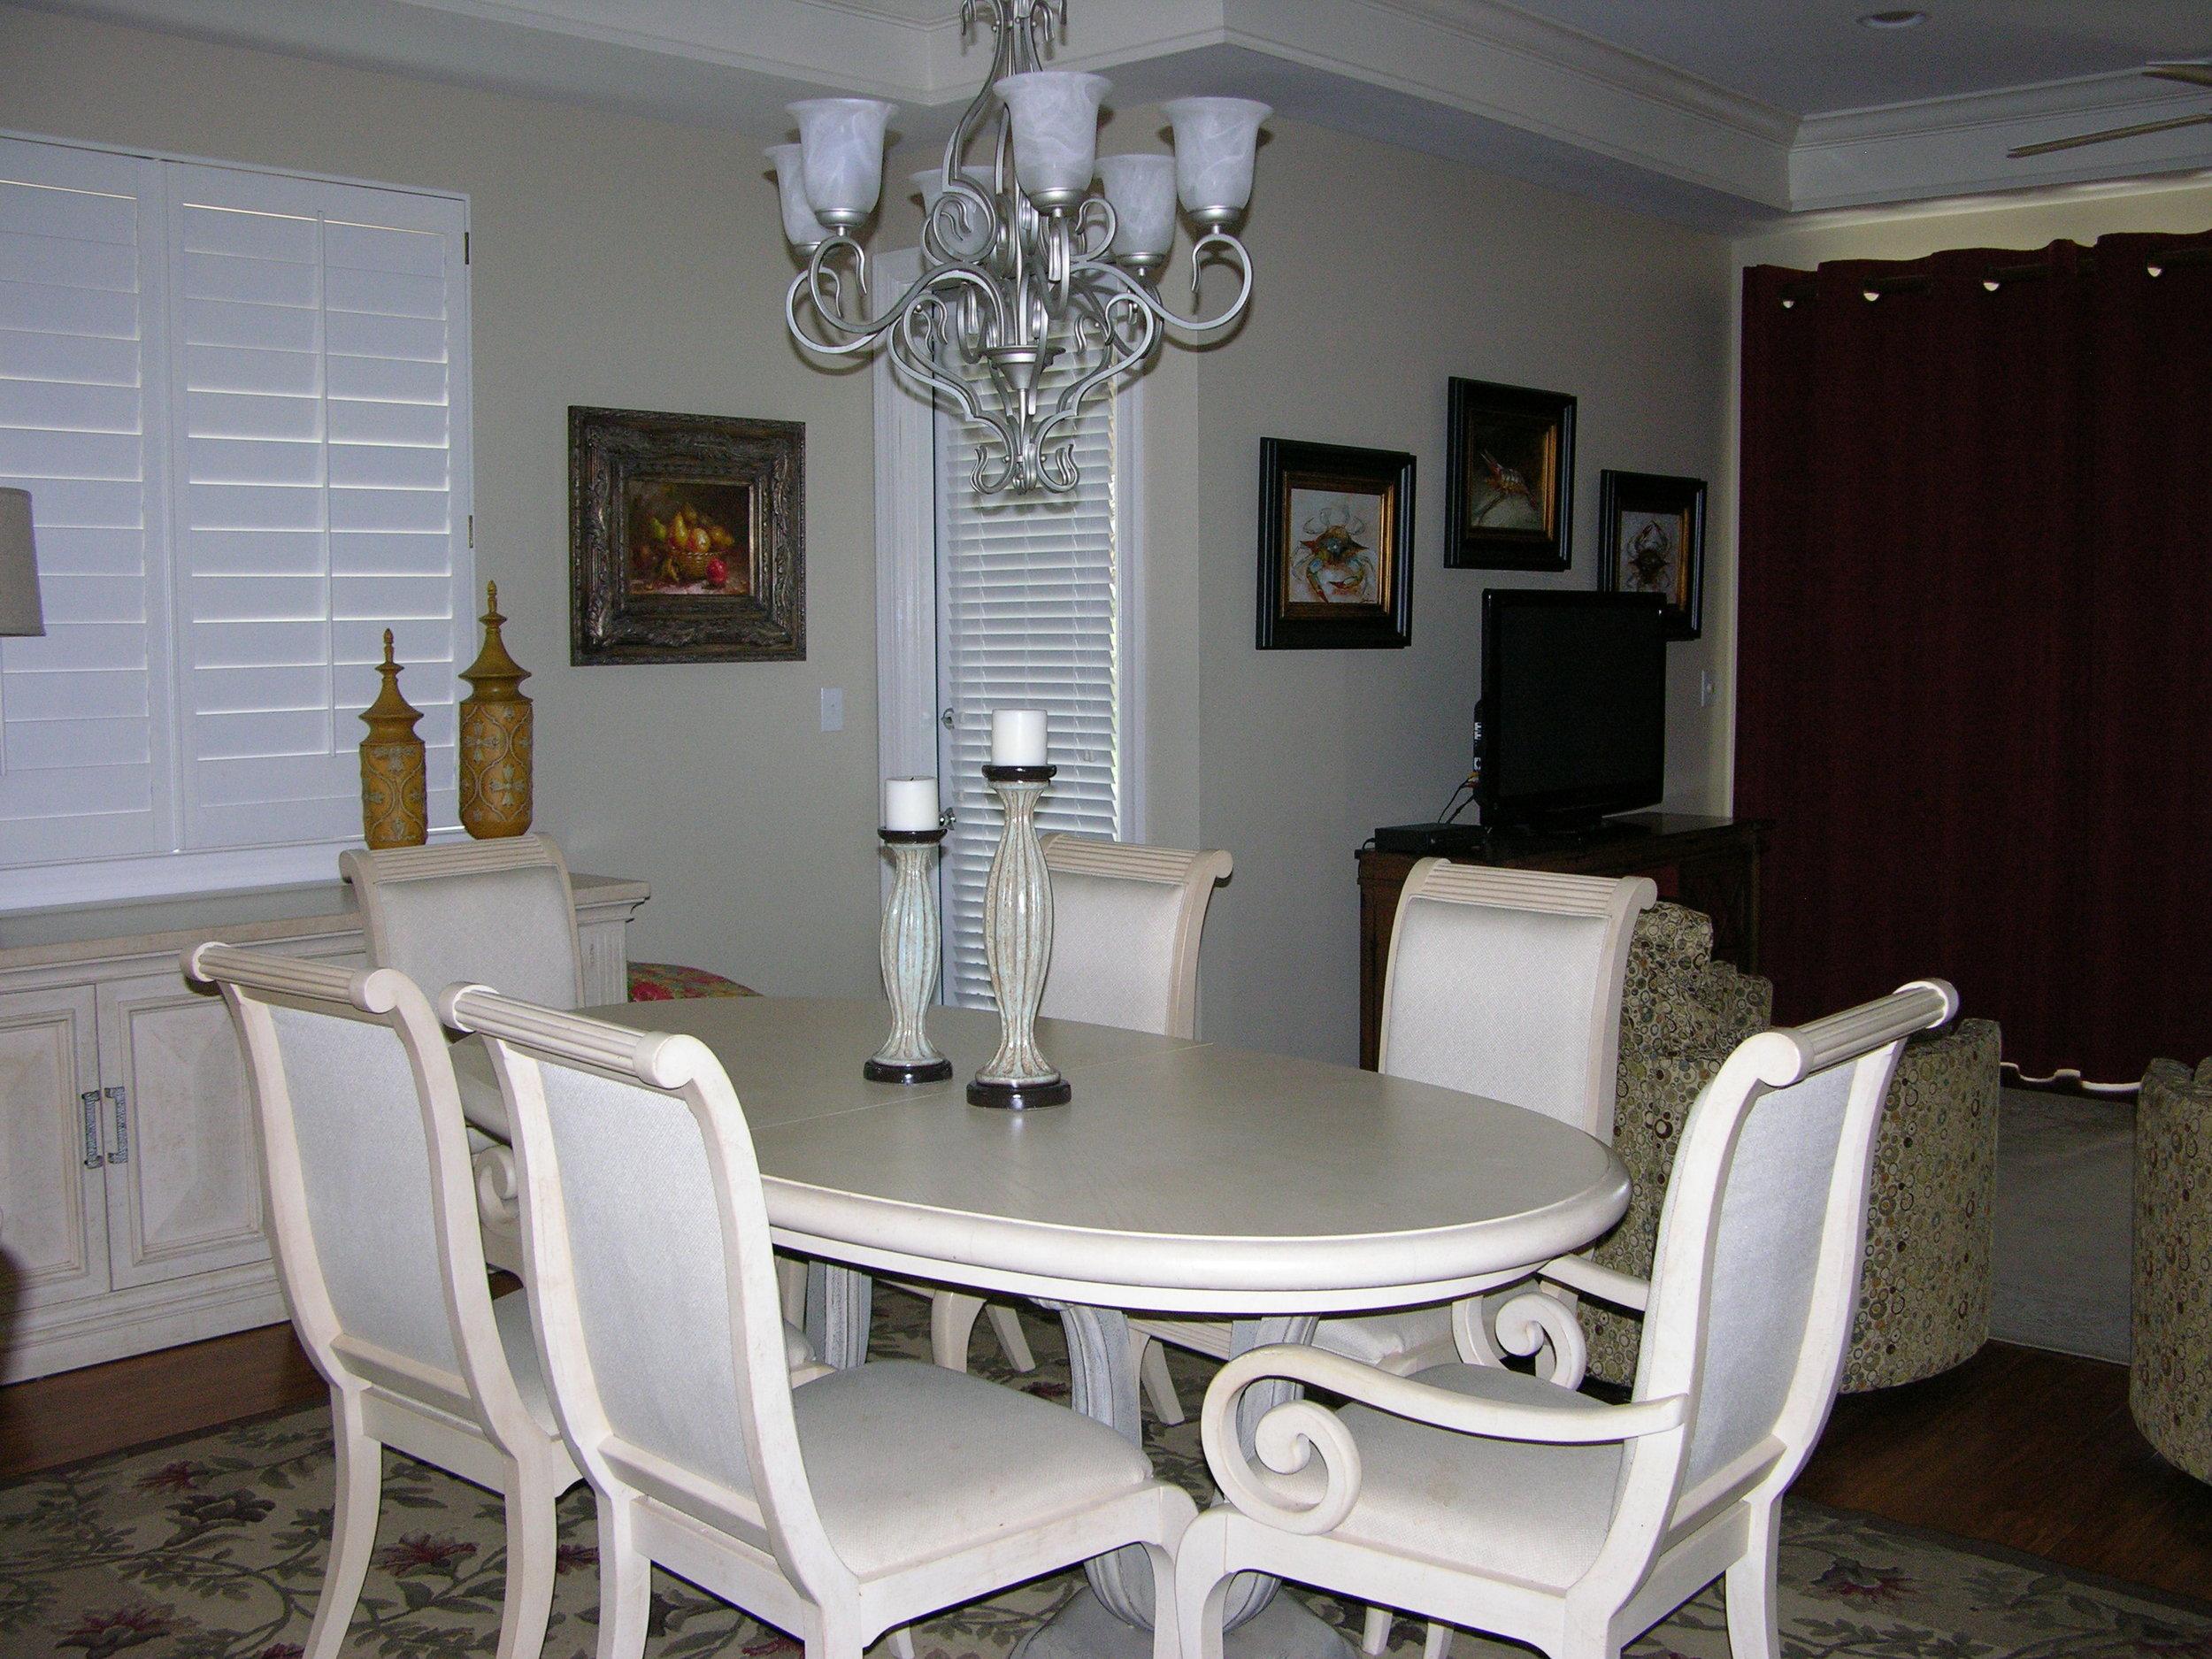 B-201 diningroom.JPG